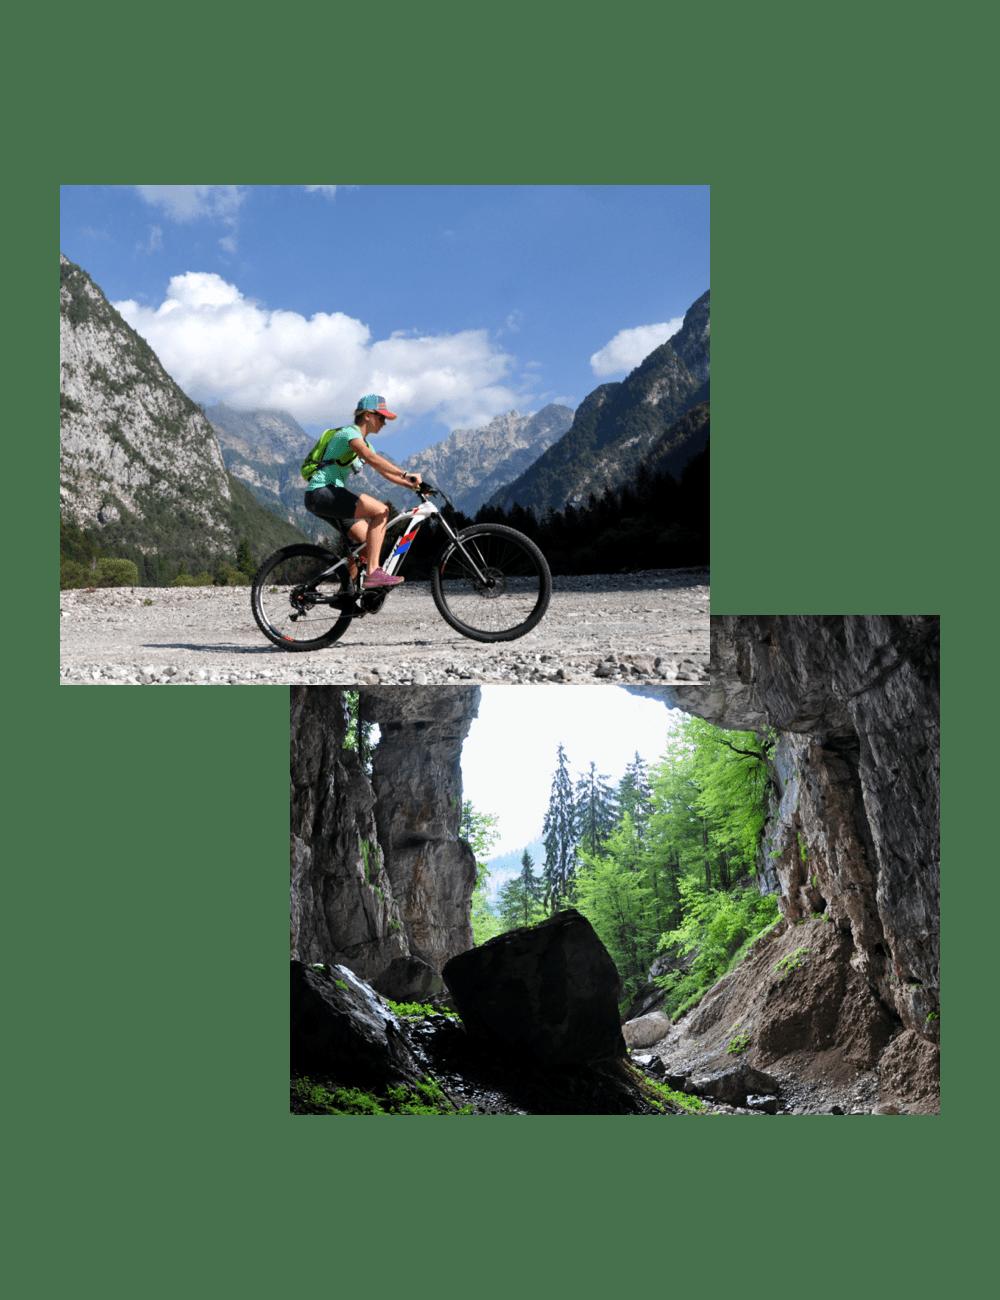 Claout muntain bike